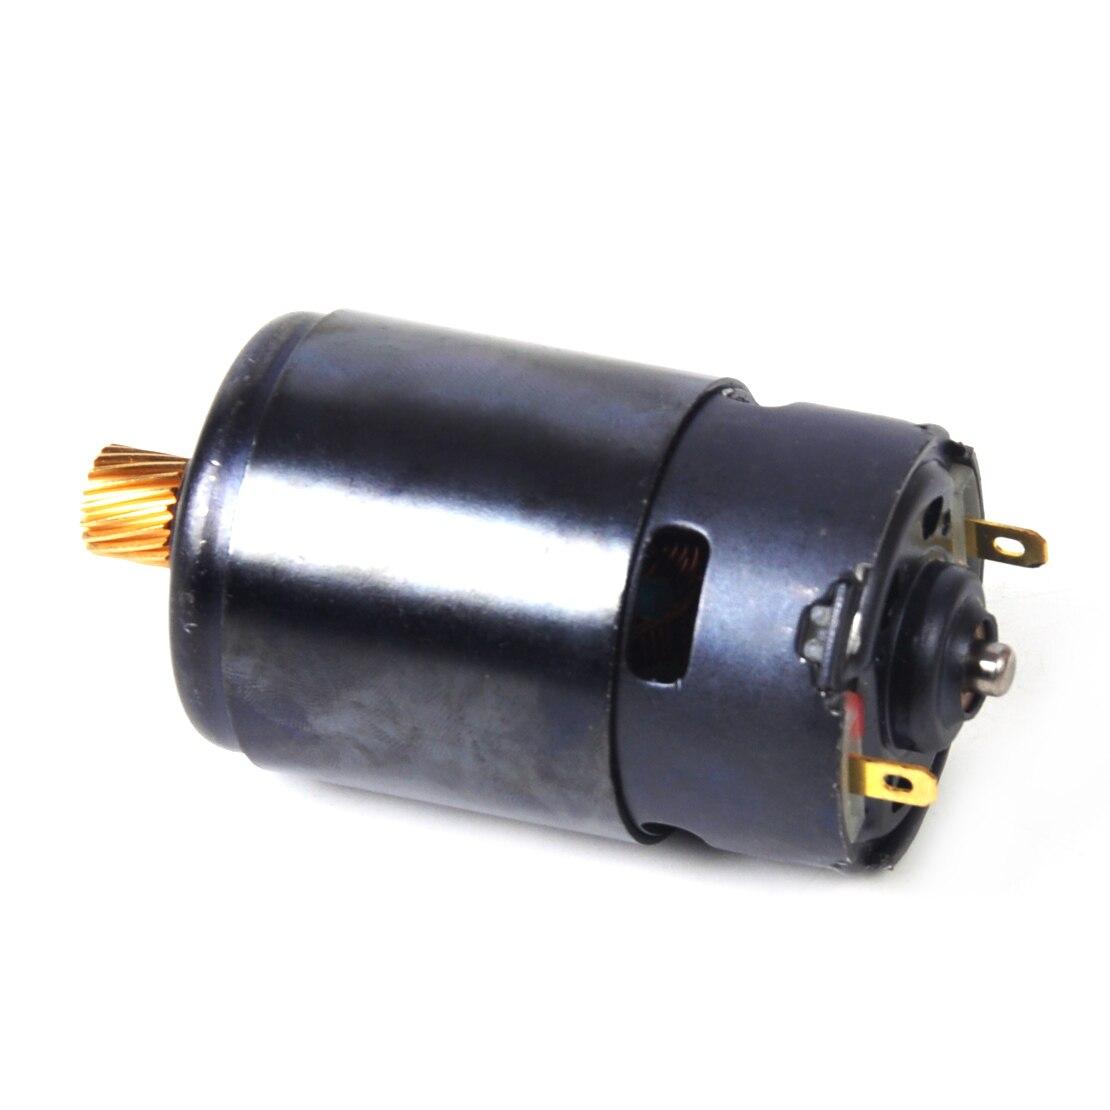 motore modulo freno a mano attuatore freno di stazionamento per classe S W221 2006-2013 Motore attuatore freno di stazionamento